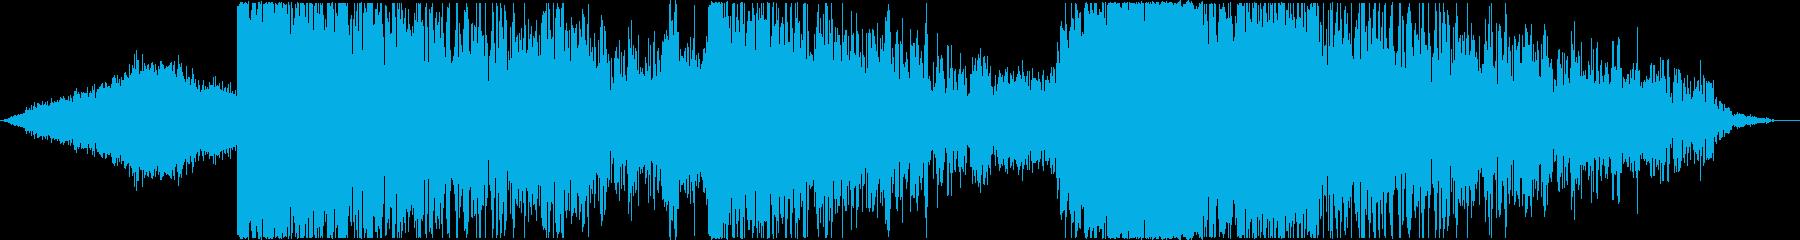 映画・ゲーム等, トレーラー / 30秒の再生済みの波形